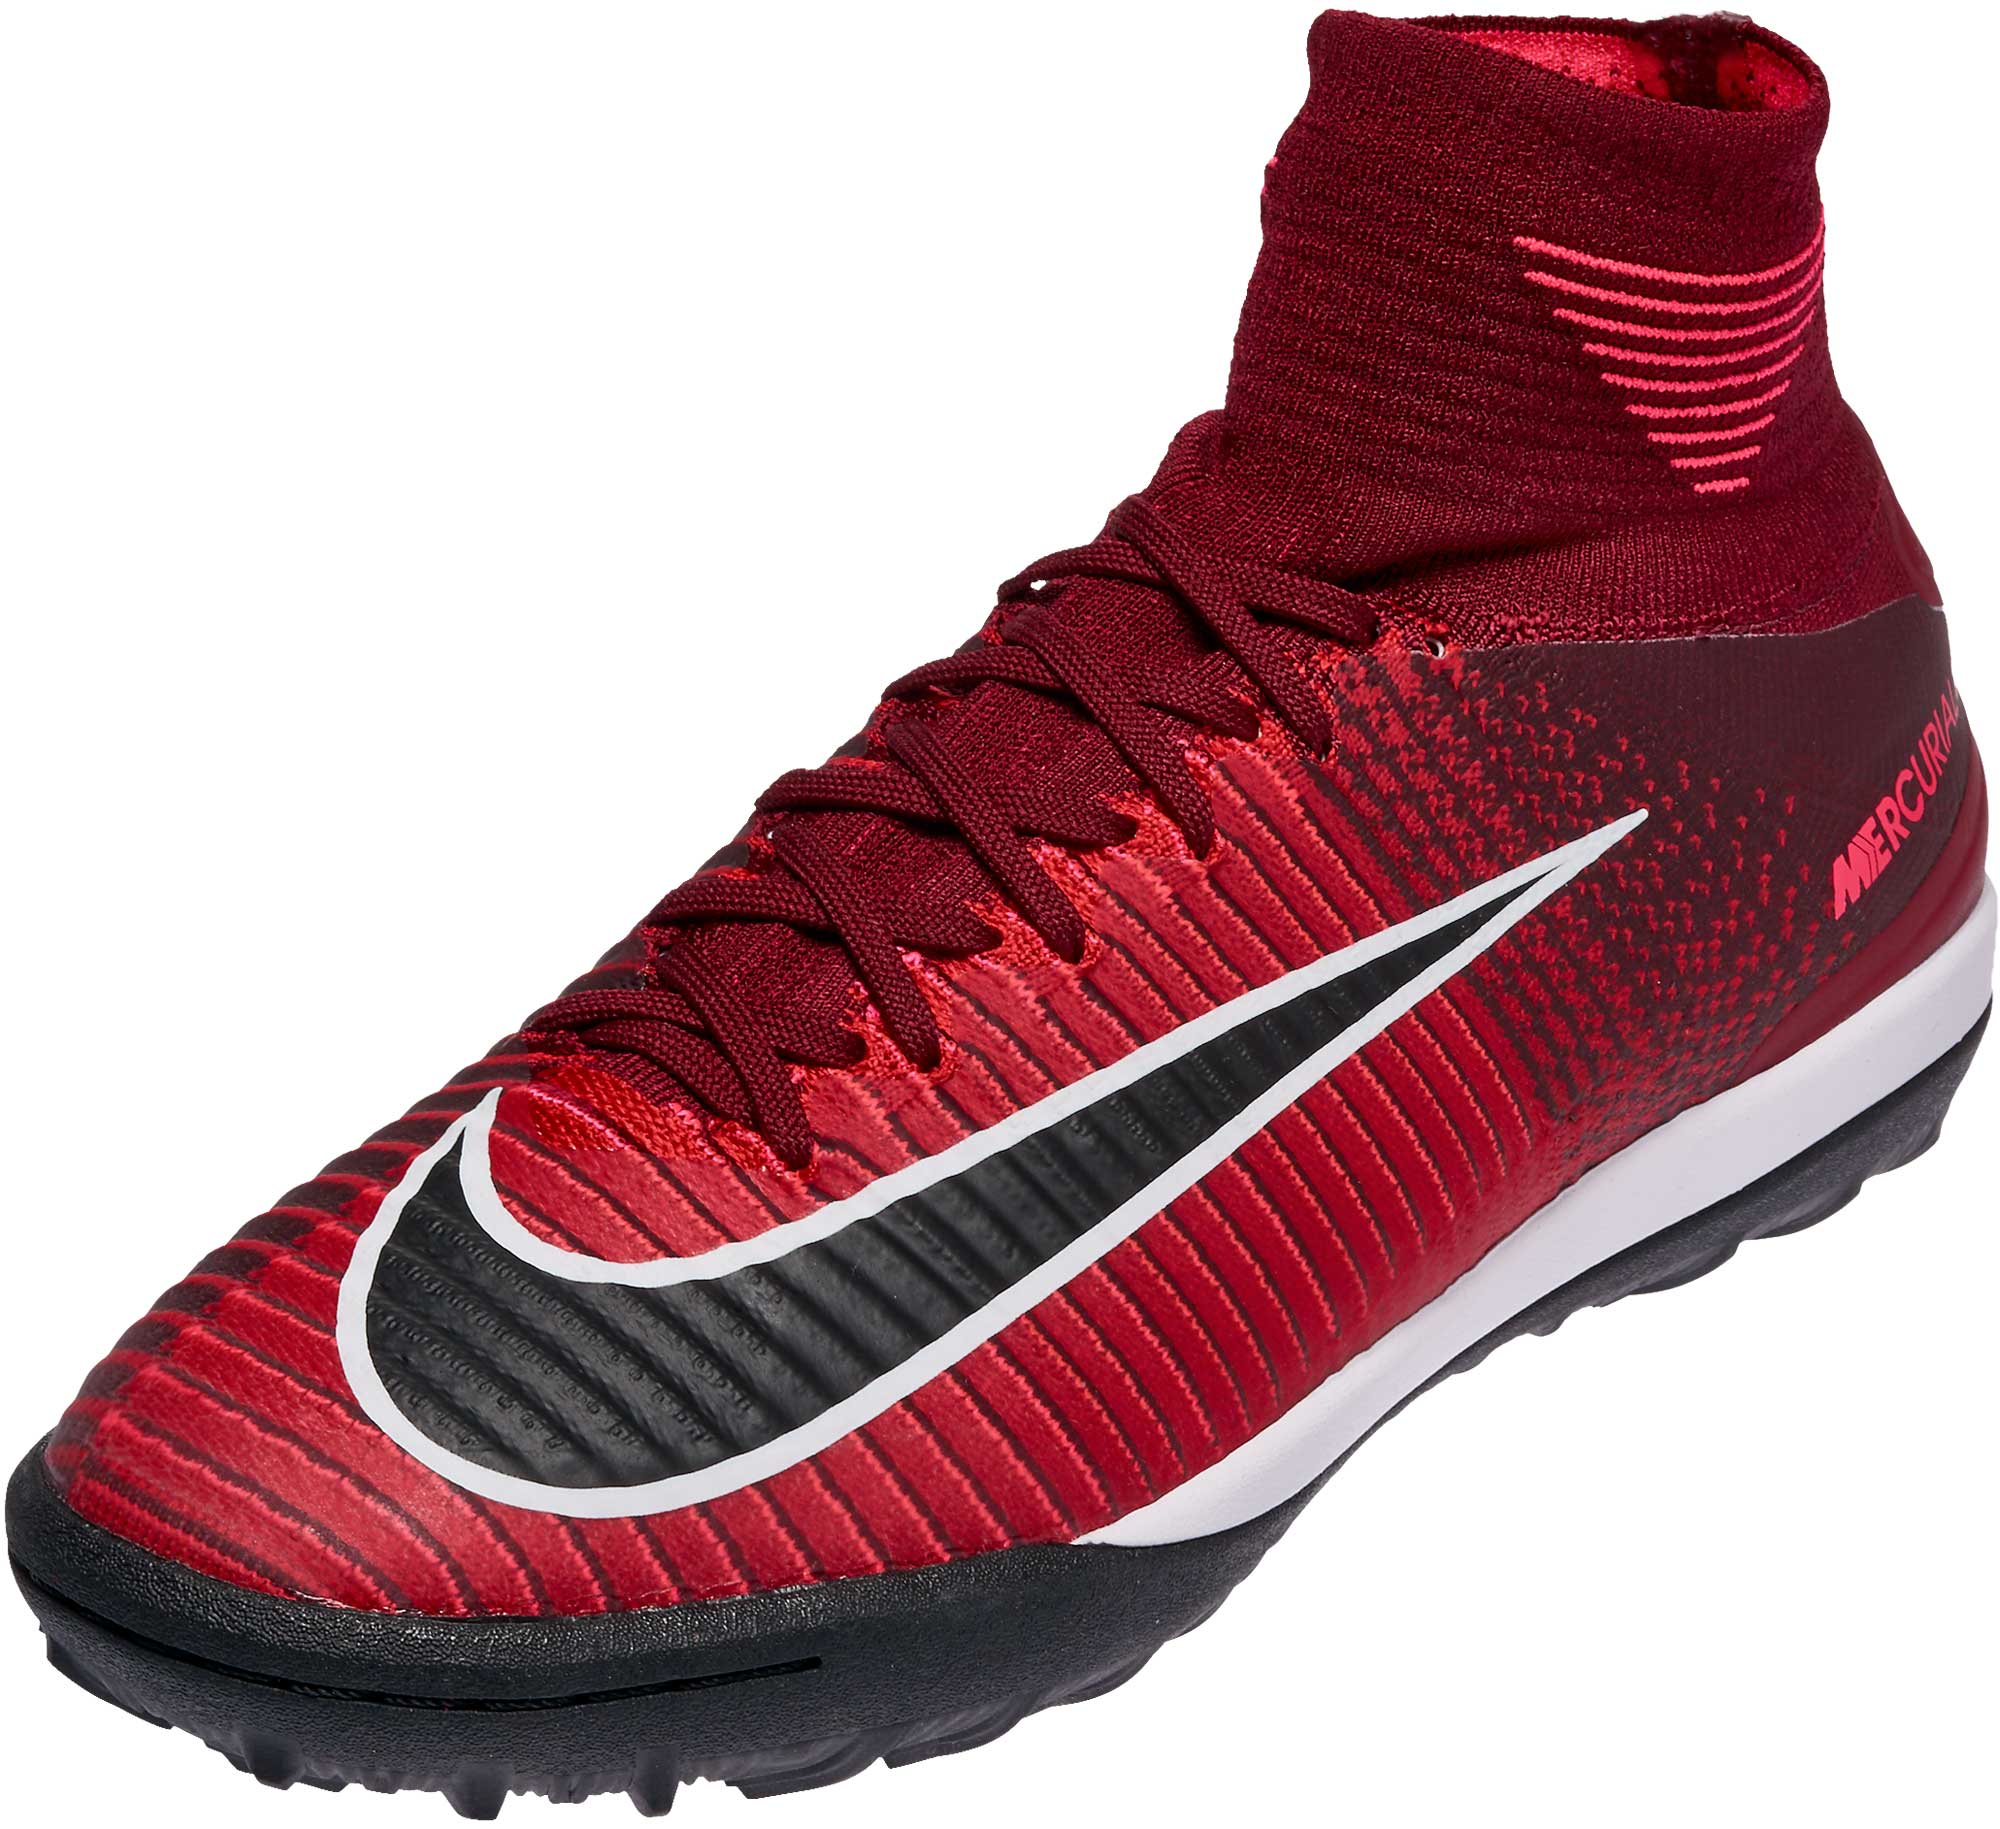 Nike MercurialX Proximo II TF- Red Mercurial Turf Shoes e9d51ed7d